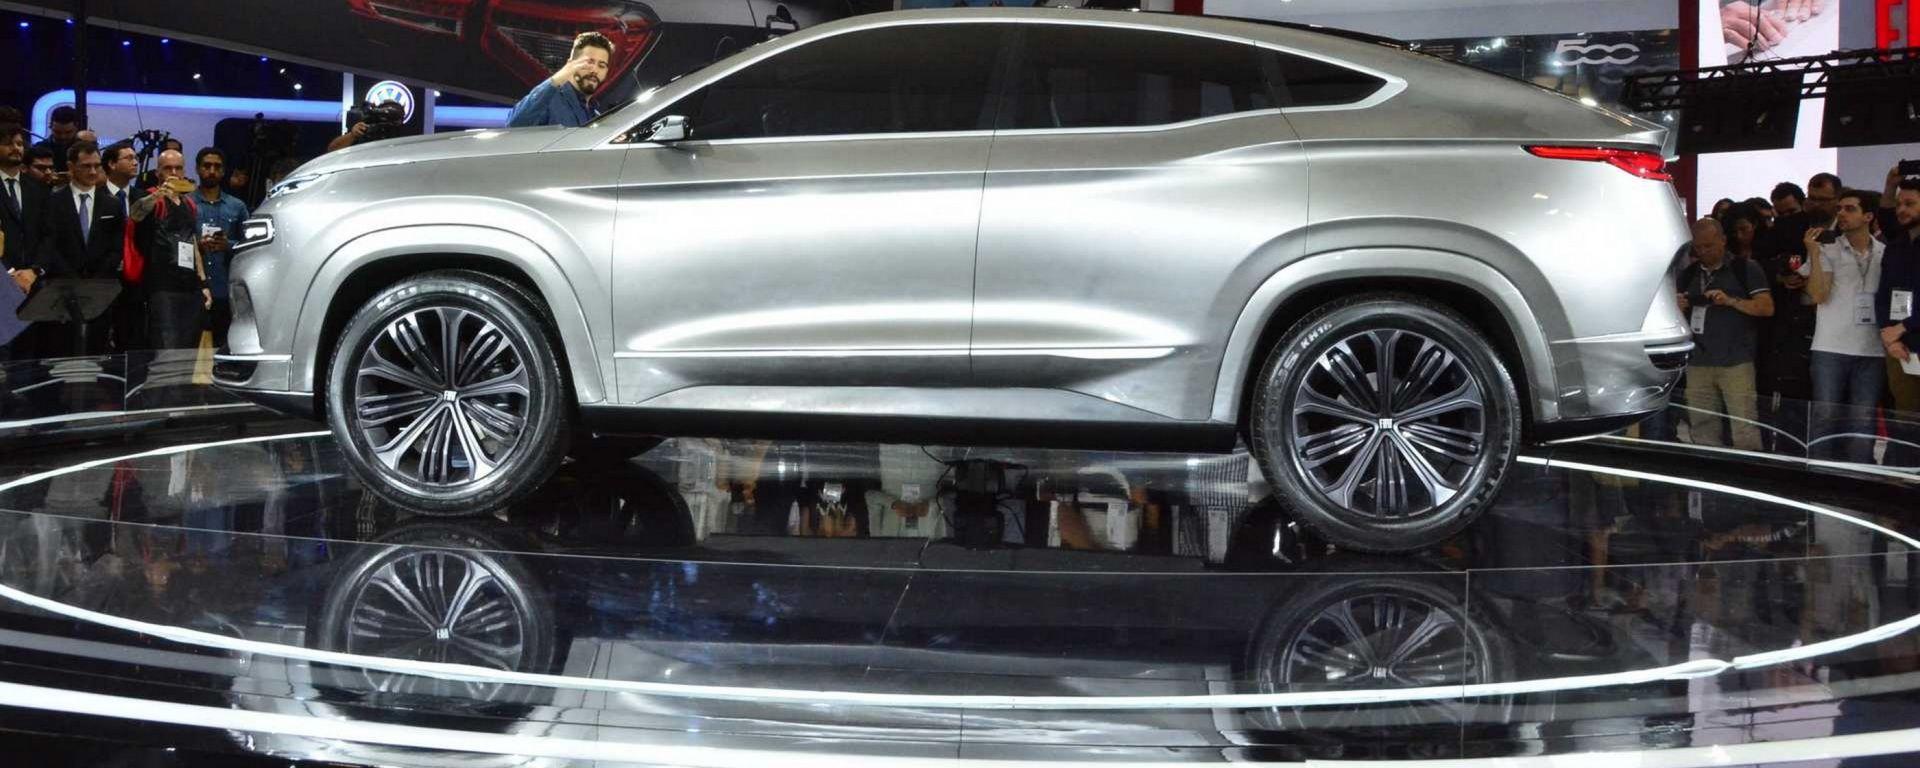 Fiat Fastback Concept, si farà o non si farà il Suv coupè?